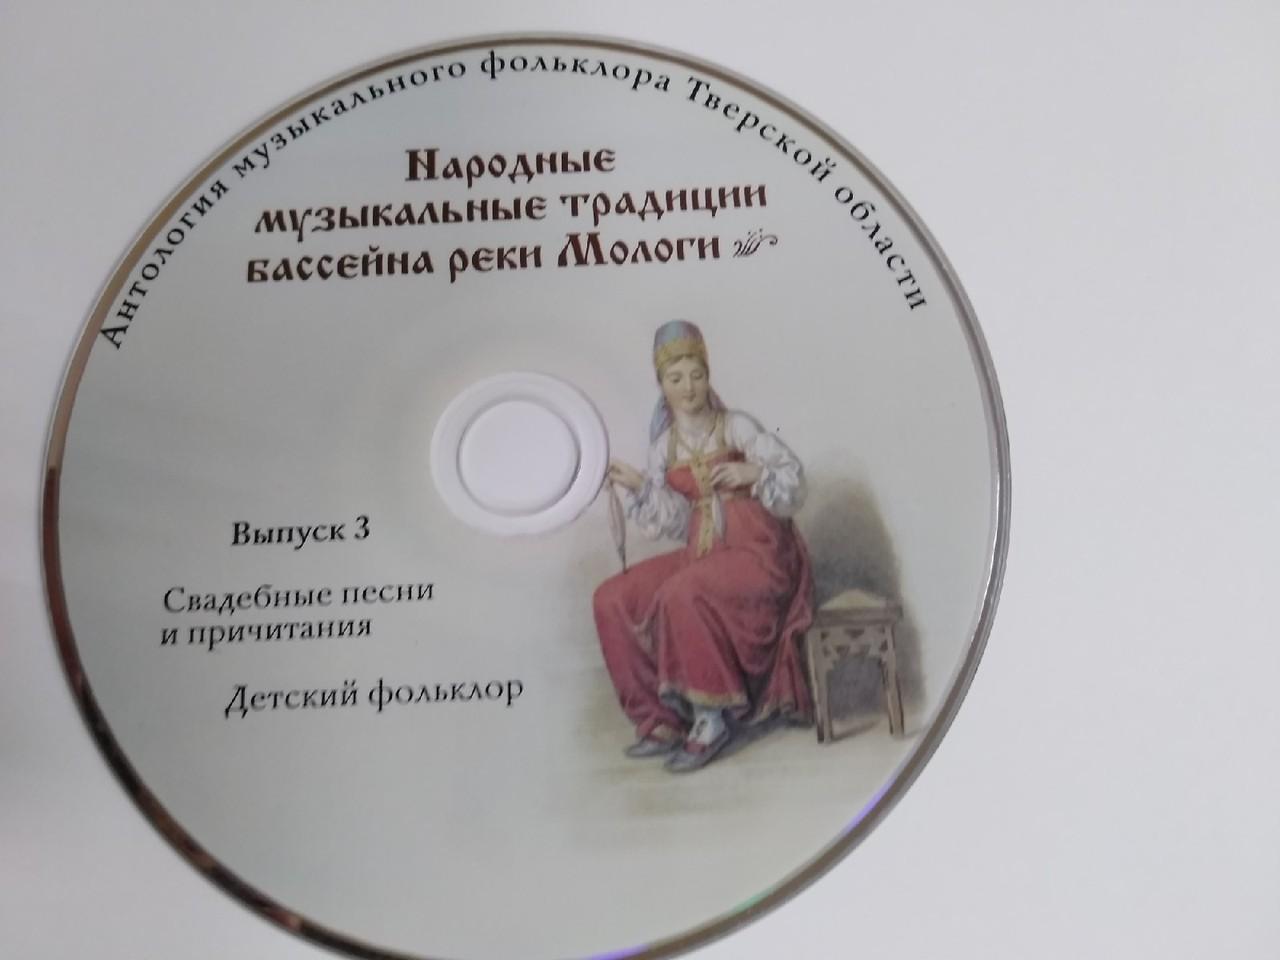 В Санкт-Петербурге издана «Антология музыкального фольклора Тверской области»